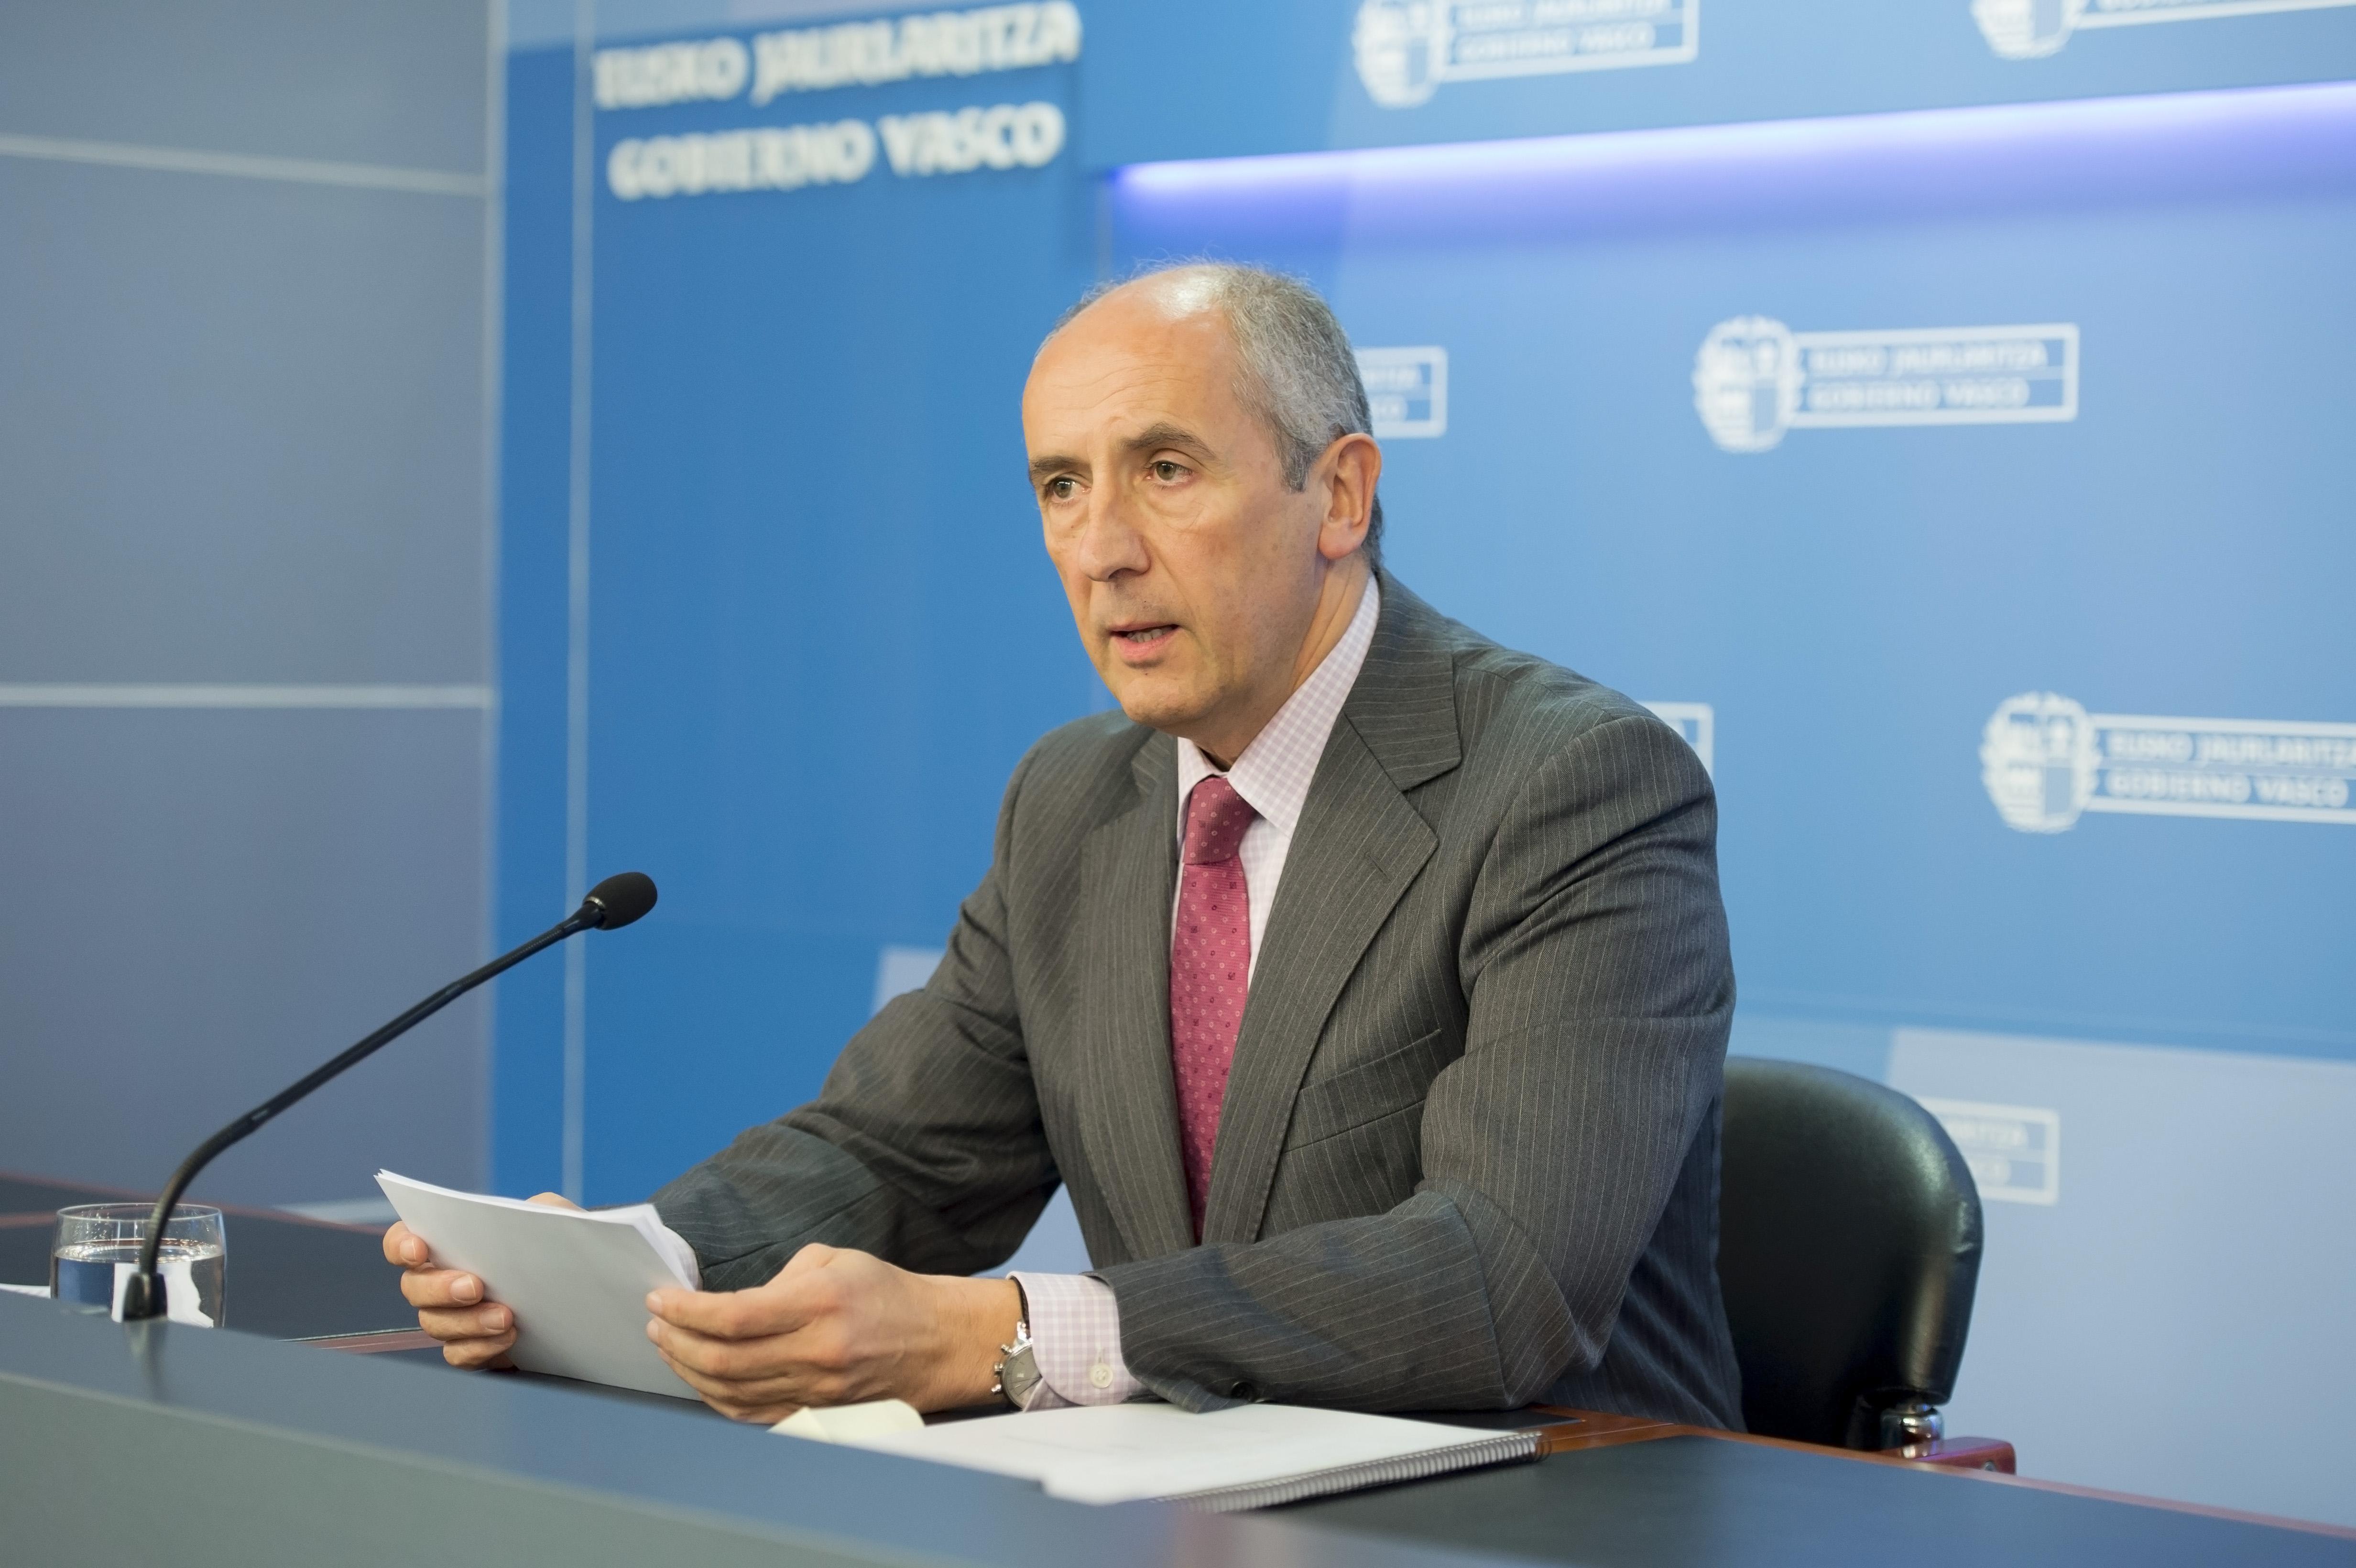 El Gobierno aprueba el Proyecto de Ley Municipal de Euskadi que configura un modelo integral, propio y diferenciado, de gobierno local [57:02]